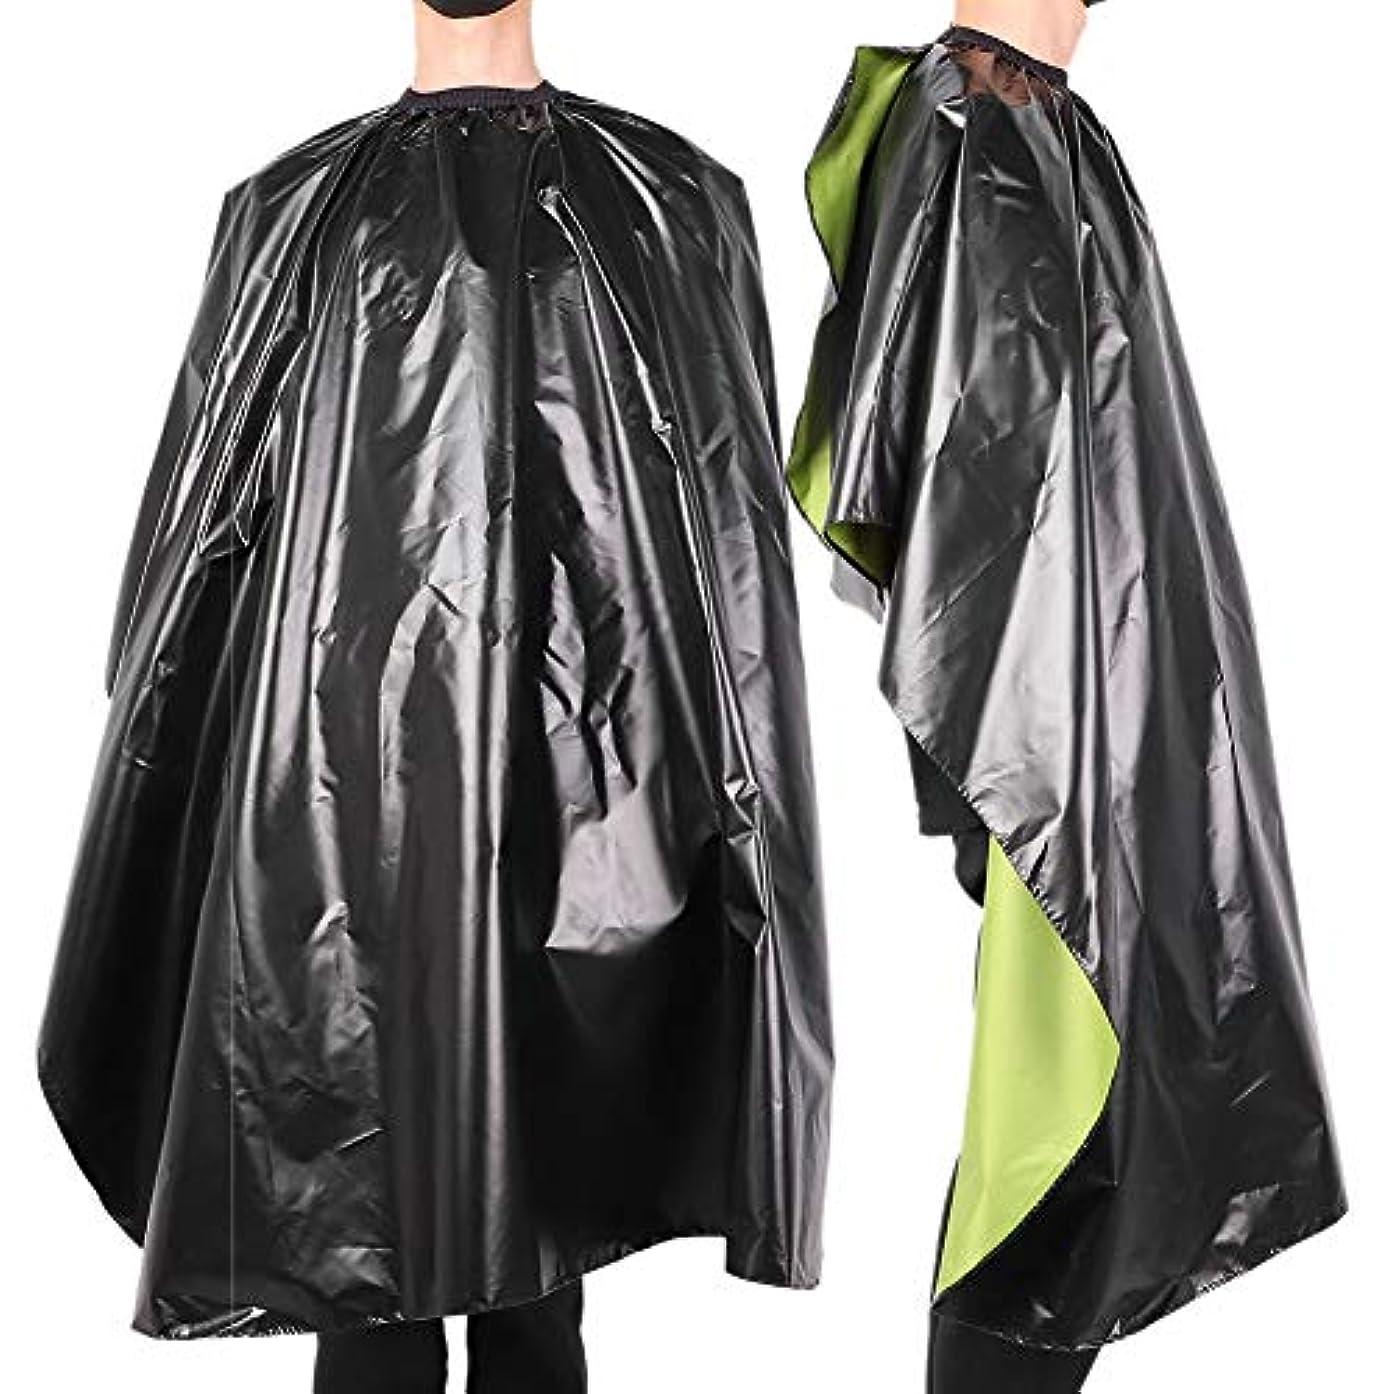 不従順バレエバッテリー防水 調整可能 サロン 散髪 ヘアスタイリングケープ-ガ ウン大人の理髪理髪師 ラップエプロン